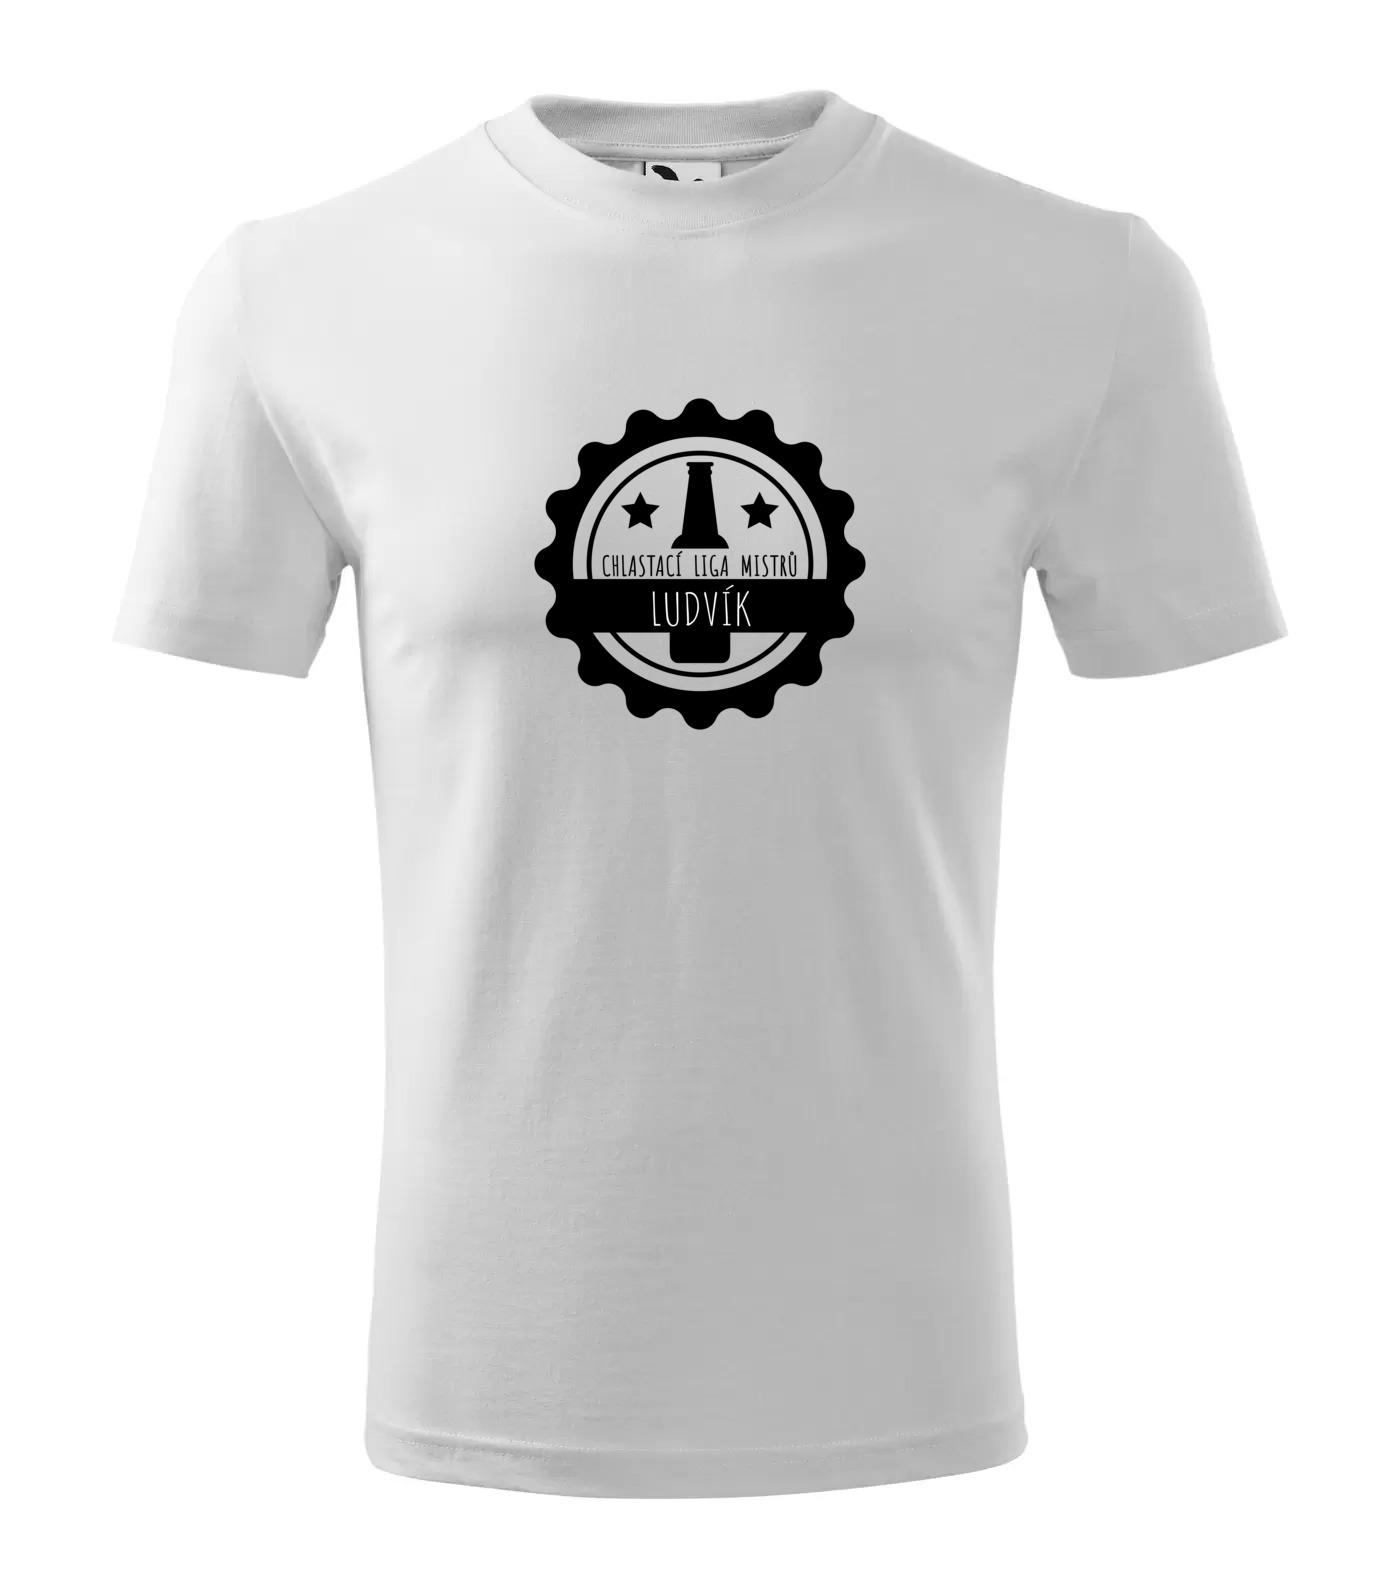 Tričko Chlastací liga mužů Ludvík